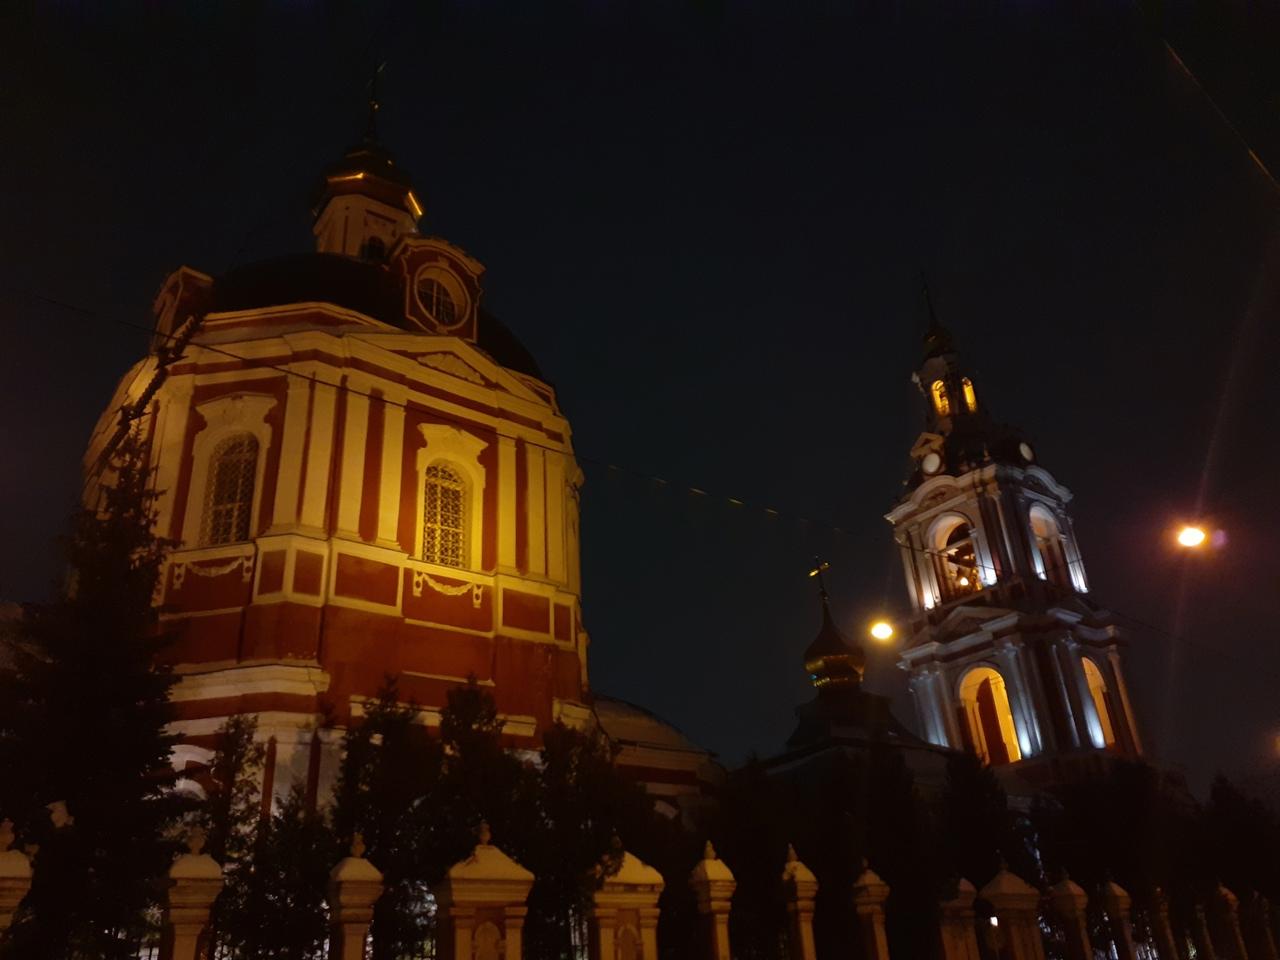 Небольшая прогулка по вечерней Москве. Впечатления от столицы. Хорошее и плохое.